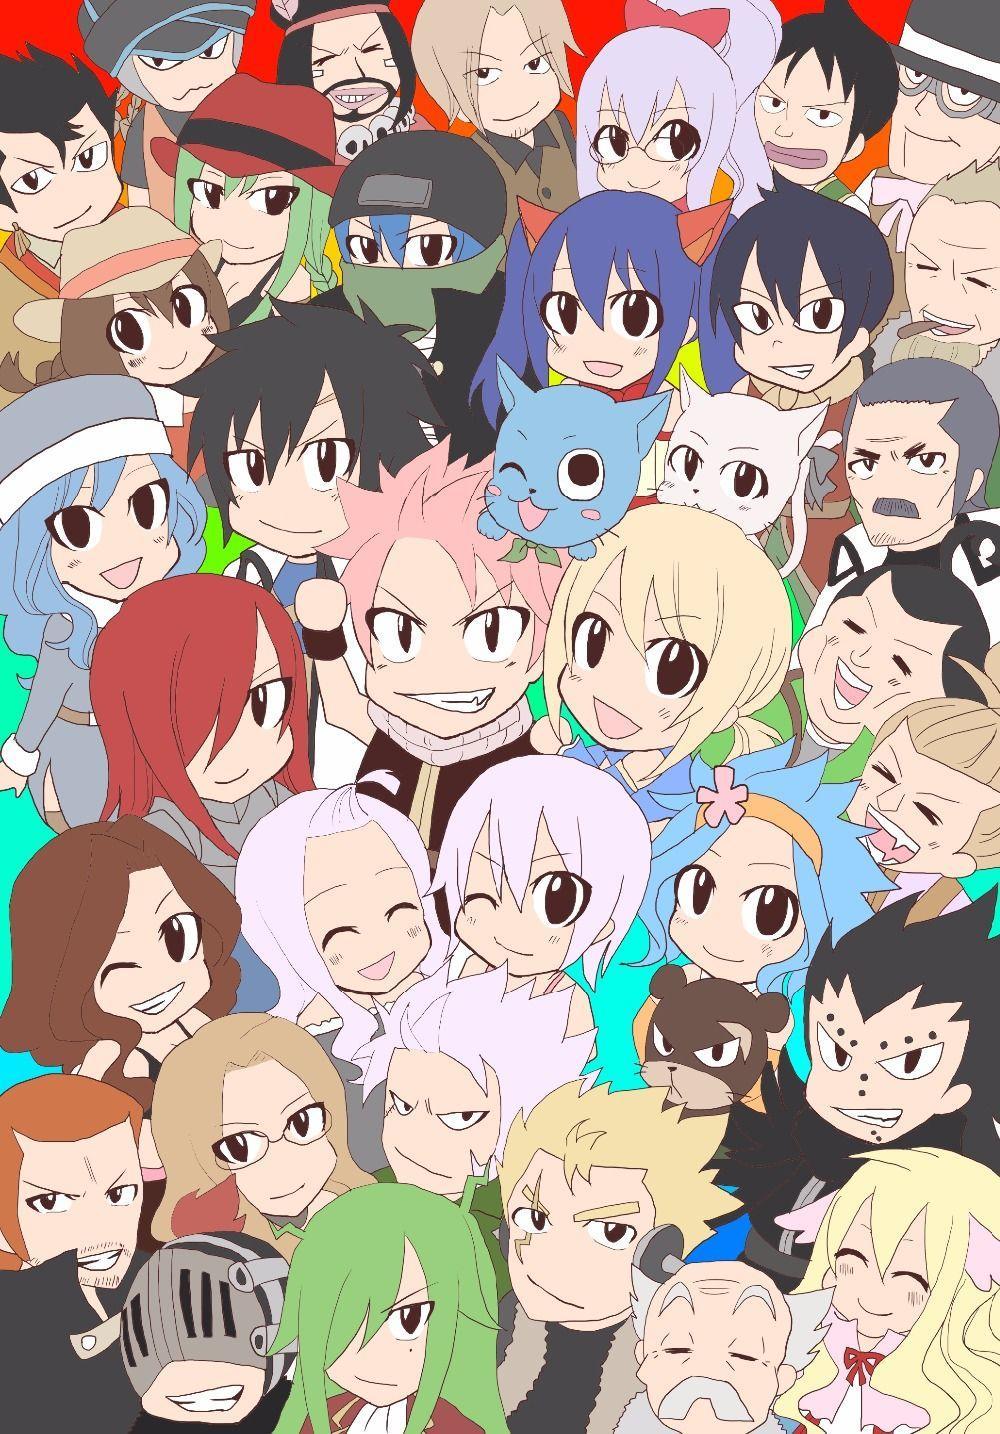 Custom Fairy Tail Anime New Silk Poster Wall Decor